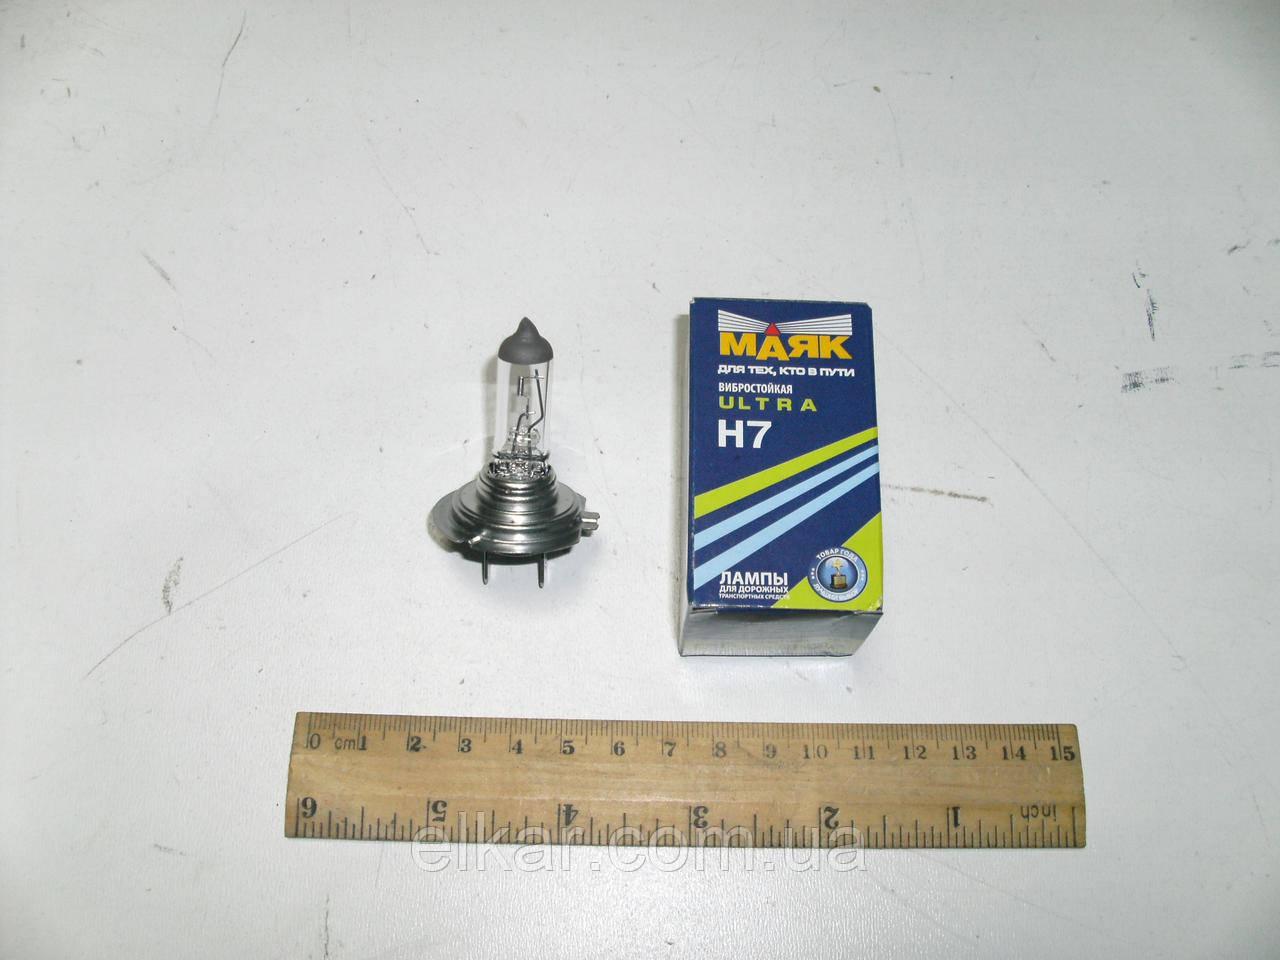 Лампа галогенна   АКГ12-55 Н7 (Маяк) вібростійка